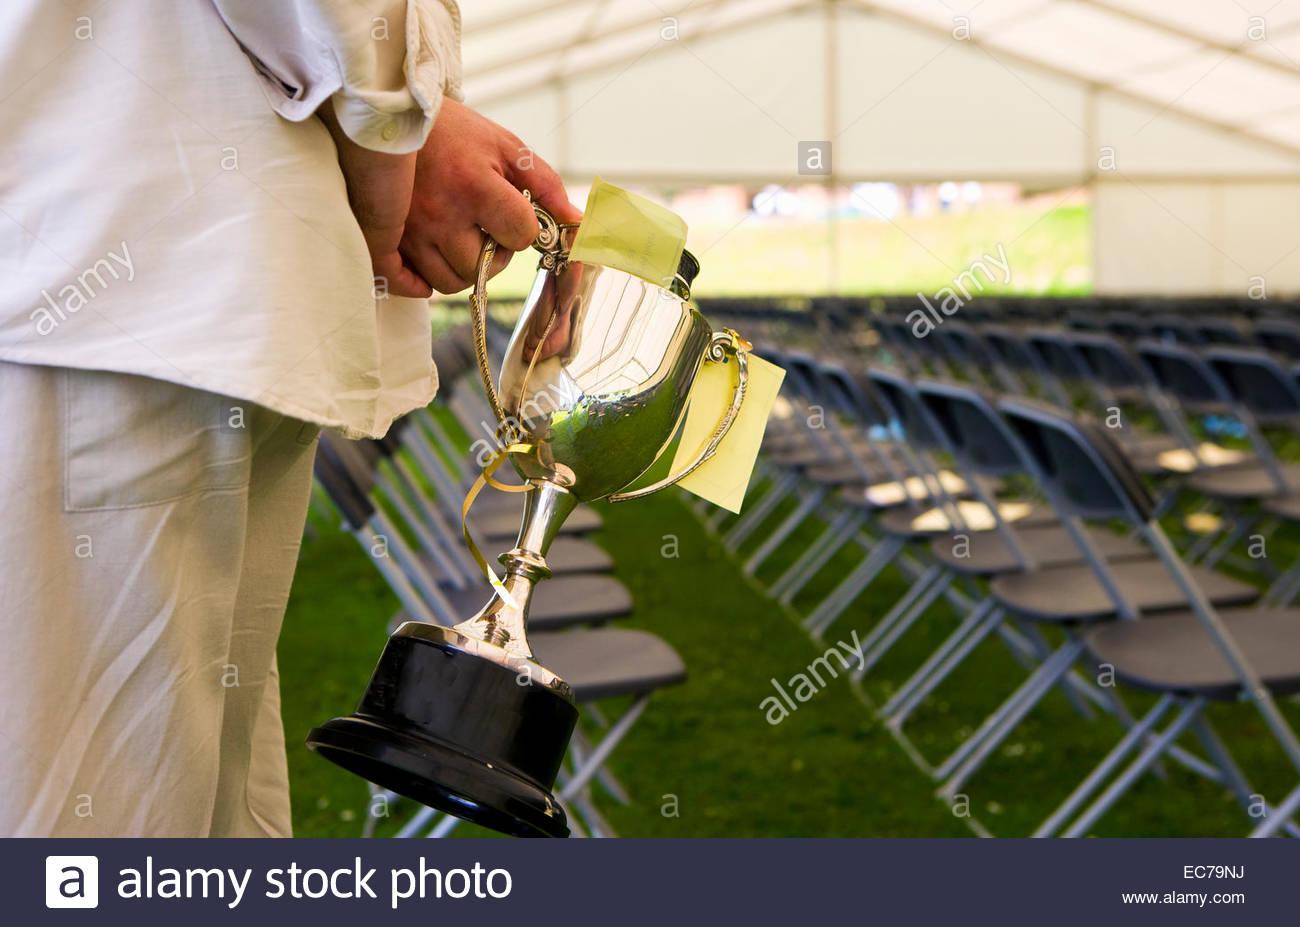 Juge à montrer tient un trophée Photo Stock